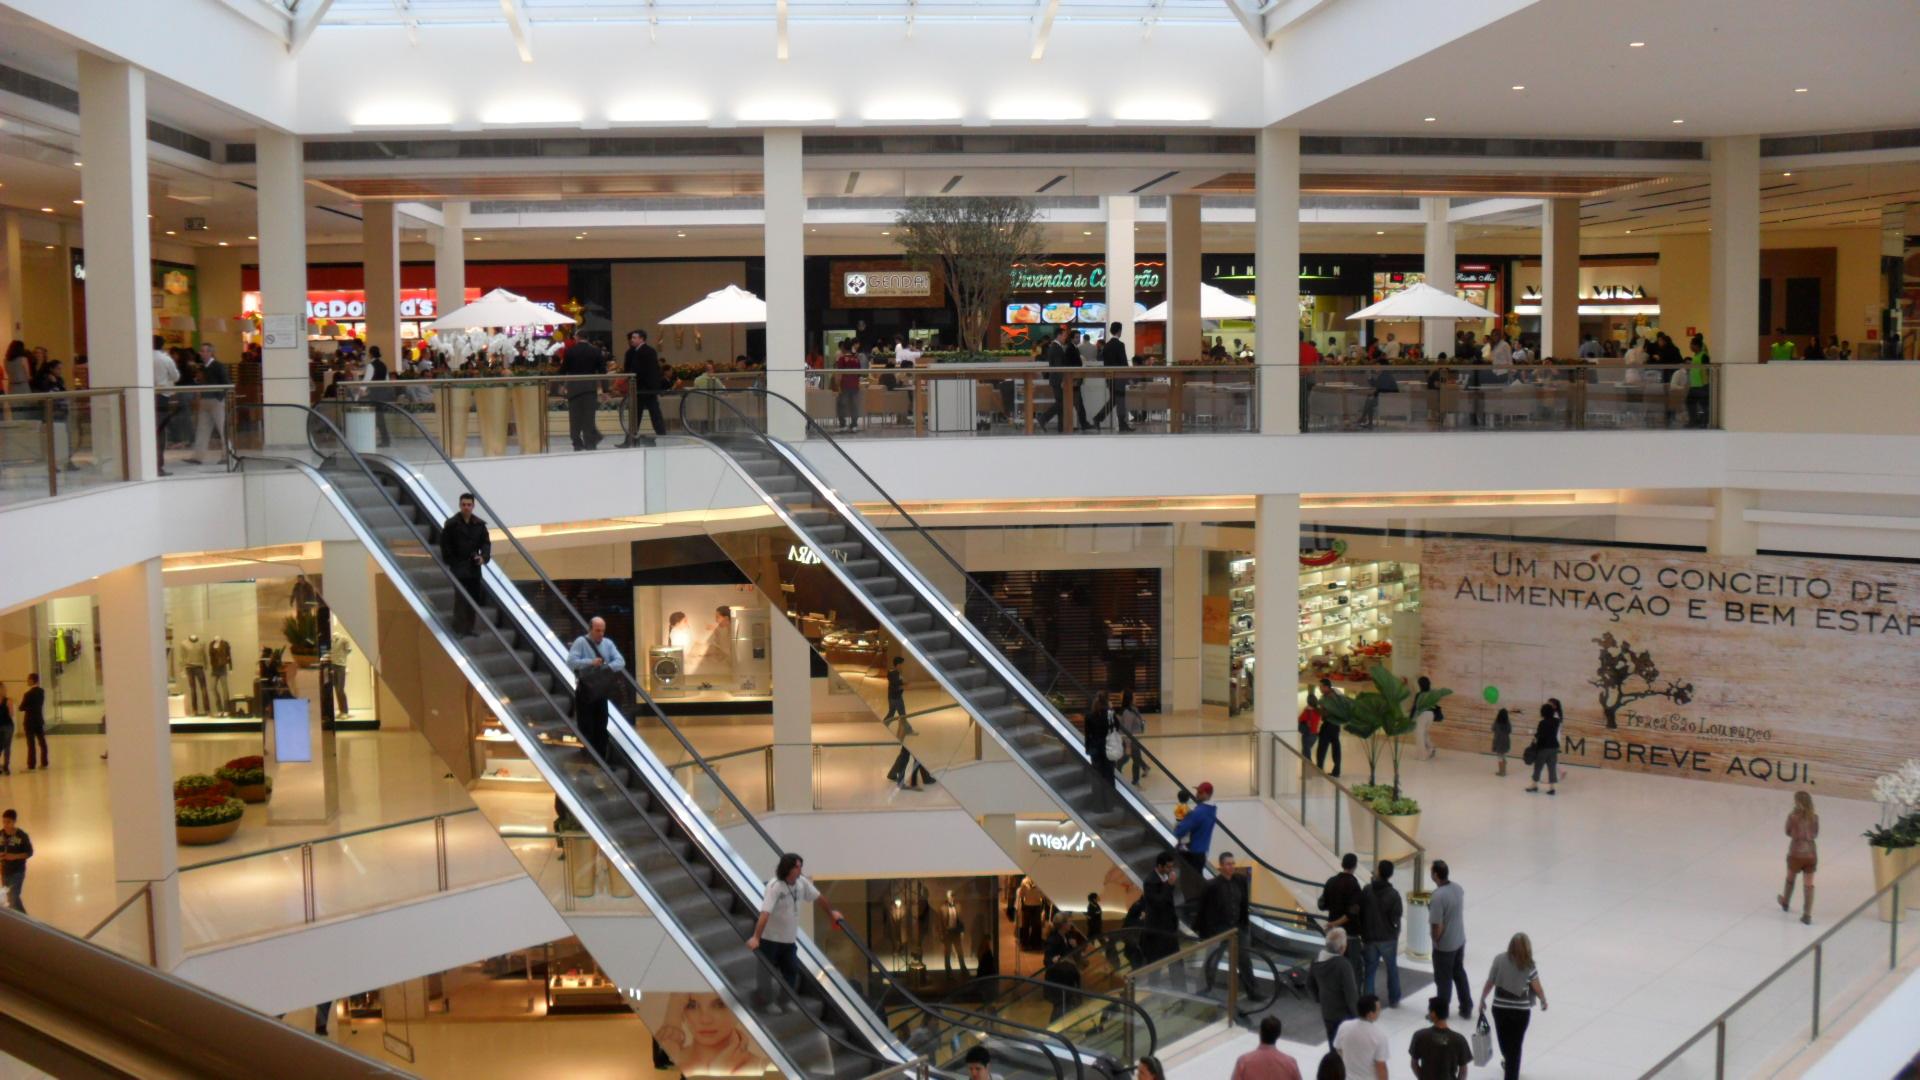 Cliente que escorregou em piso molhado de shopping não será indenizada